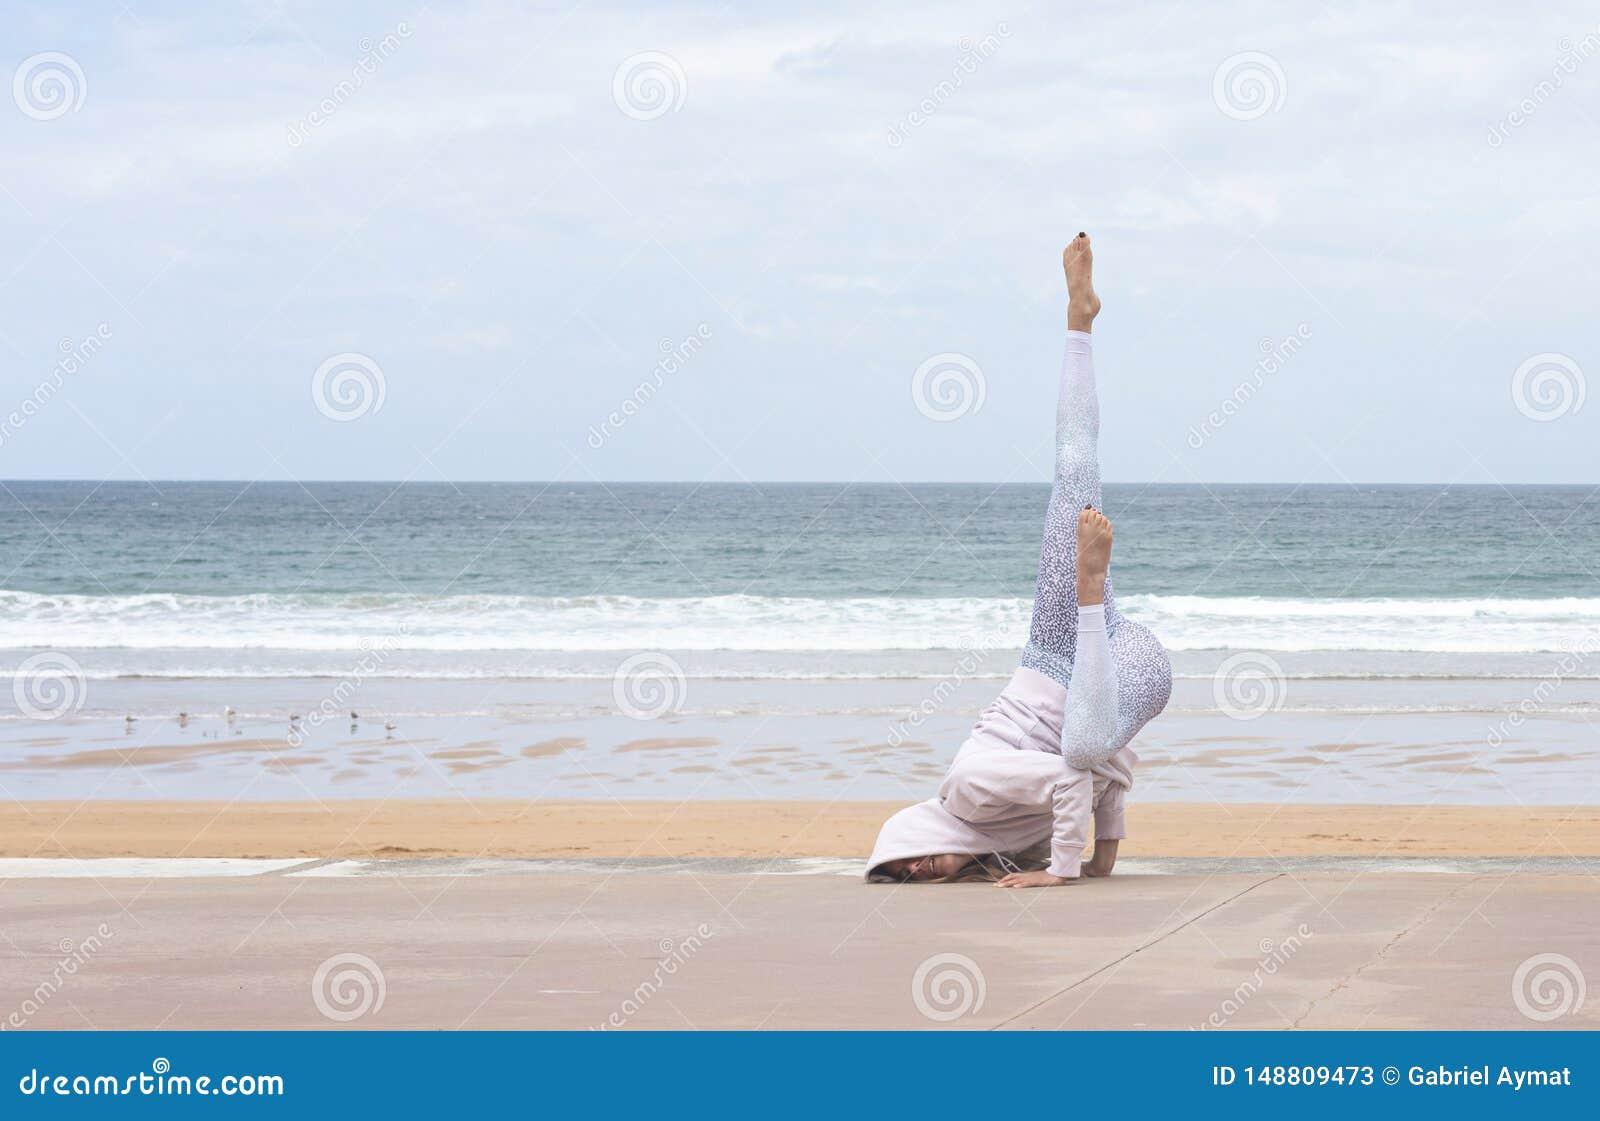 Woman yogi doing a pose